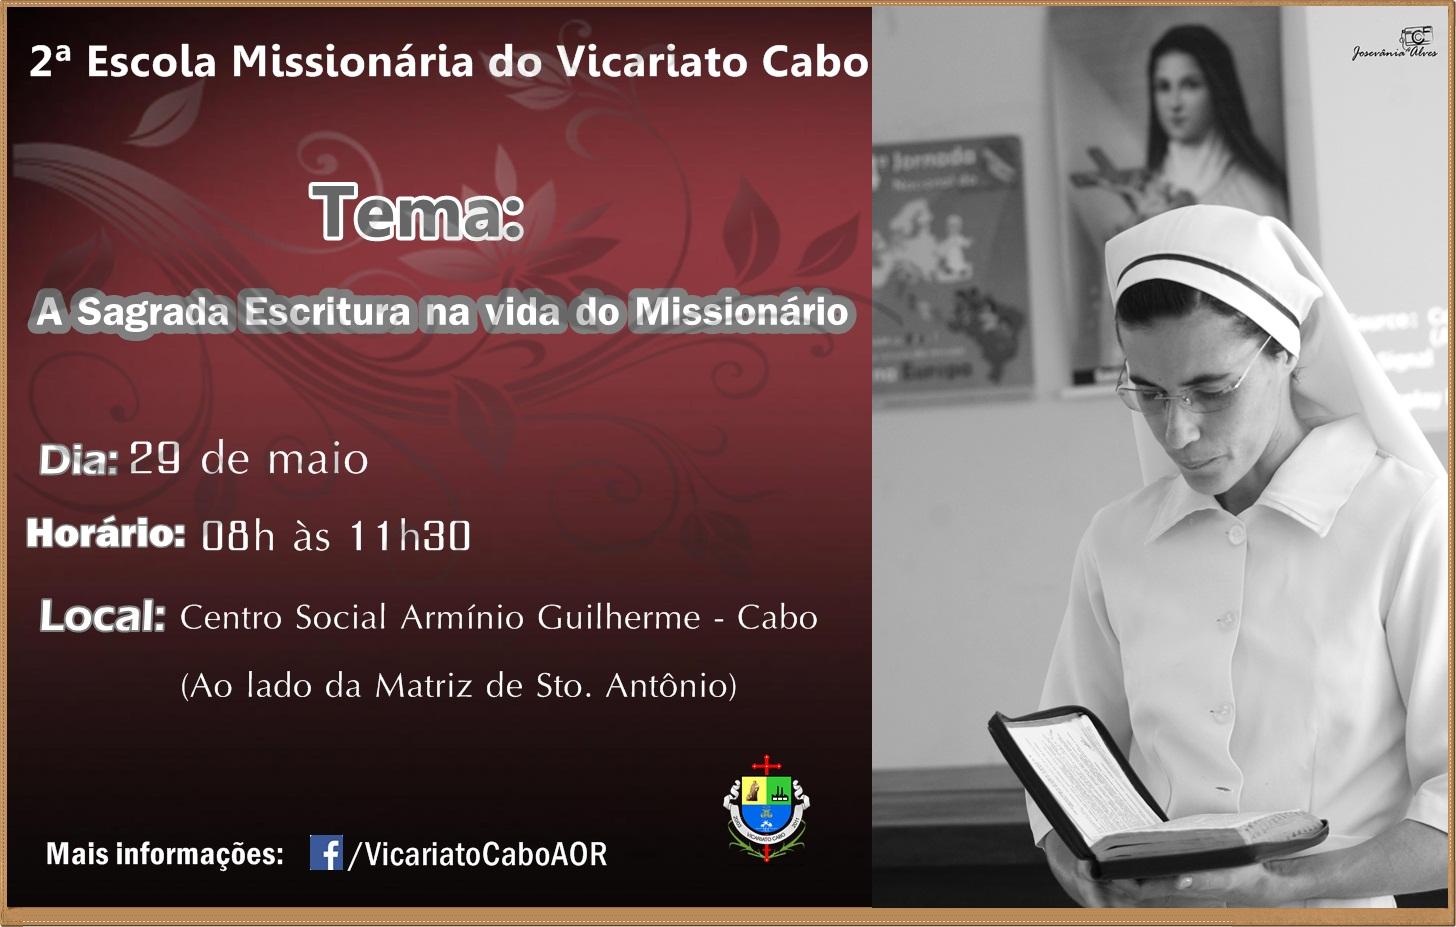 Escola Missionária do Vicariato Cabo reflete a importância da Sagrada Escritura